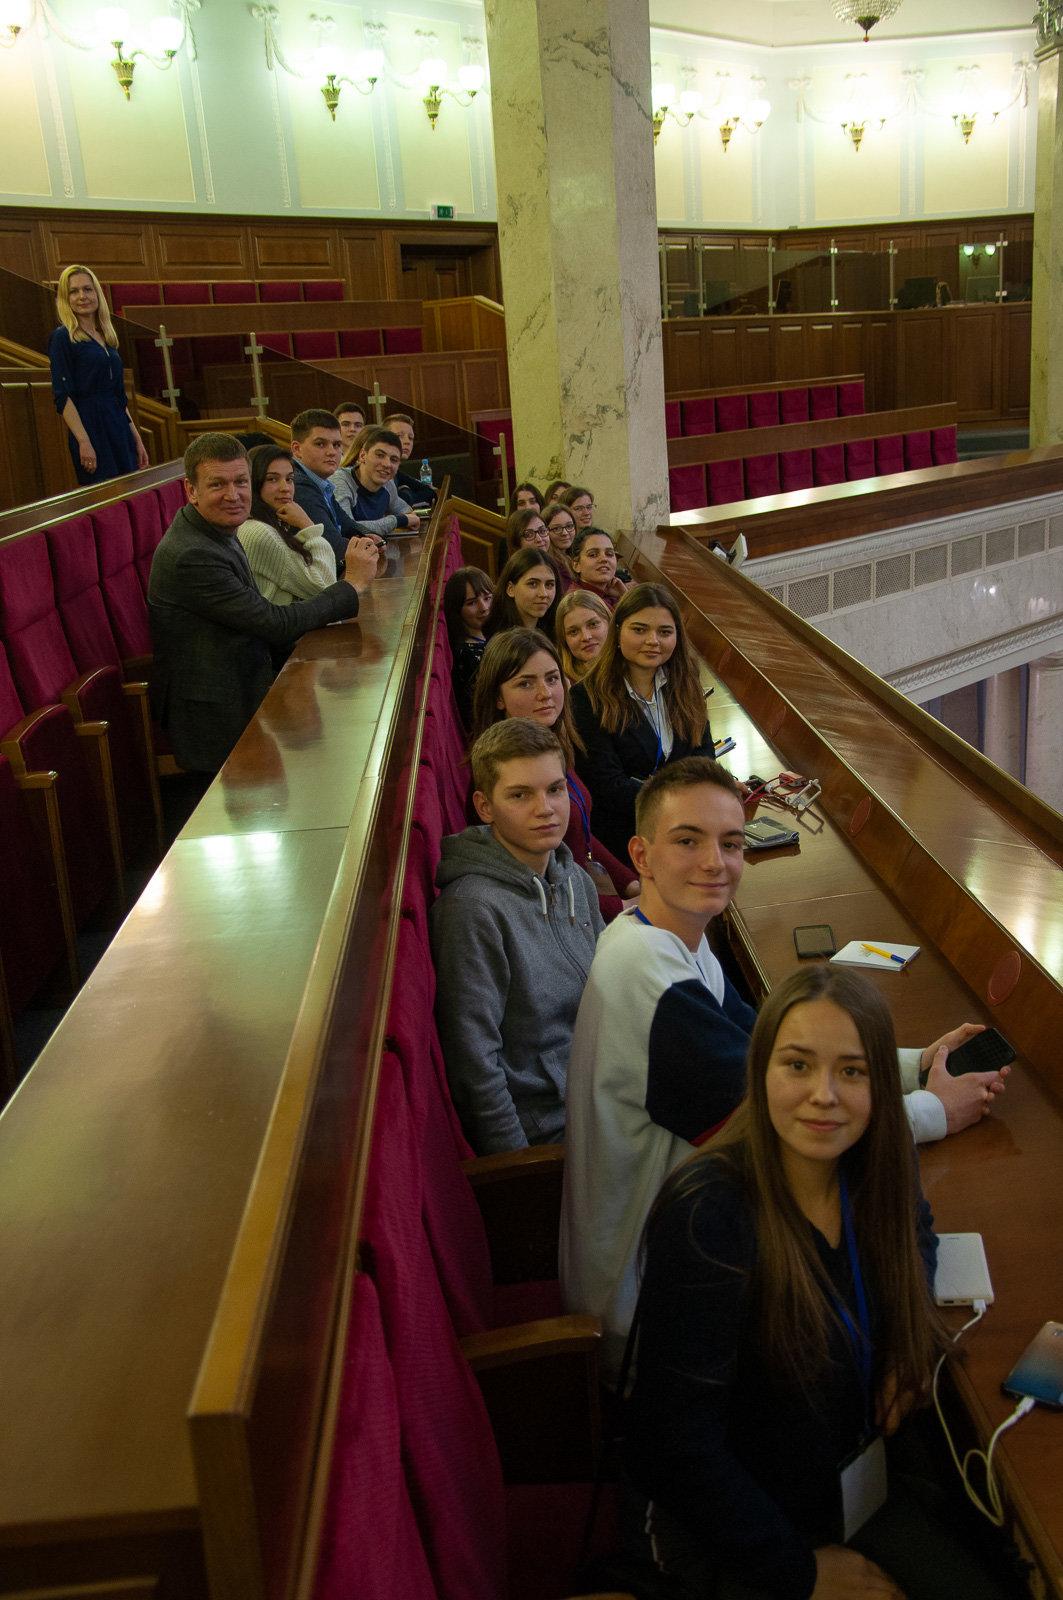 Подорож до парламенту: 20 закарпатських школярів виграли поїздку на освітню екскурсію до Верховної Ради (ВІДЕО), фото-2